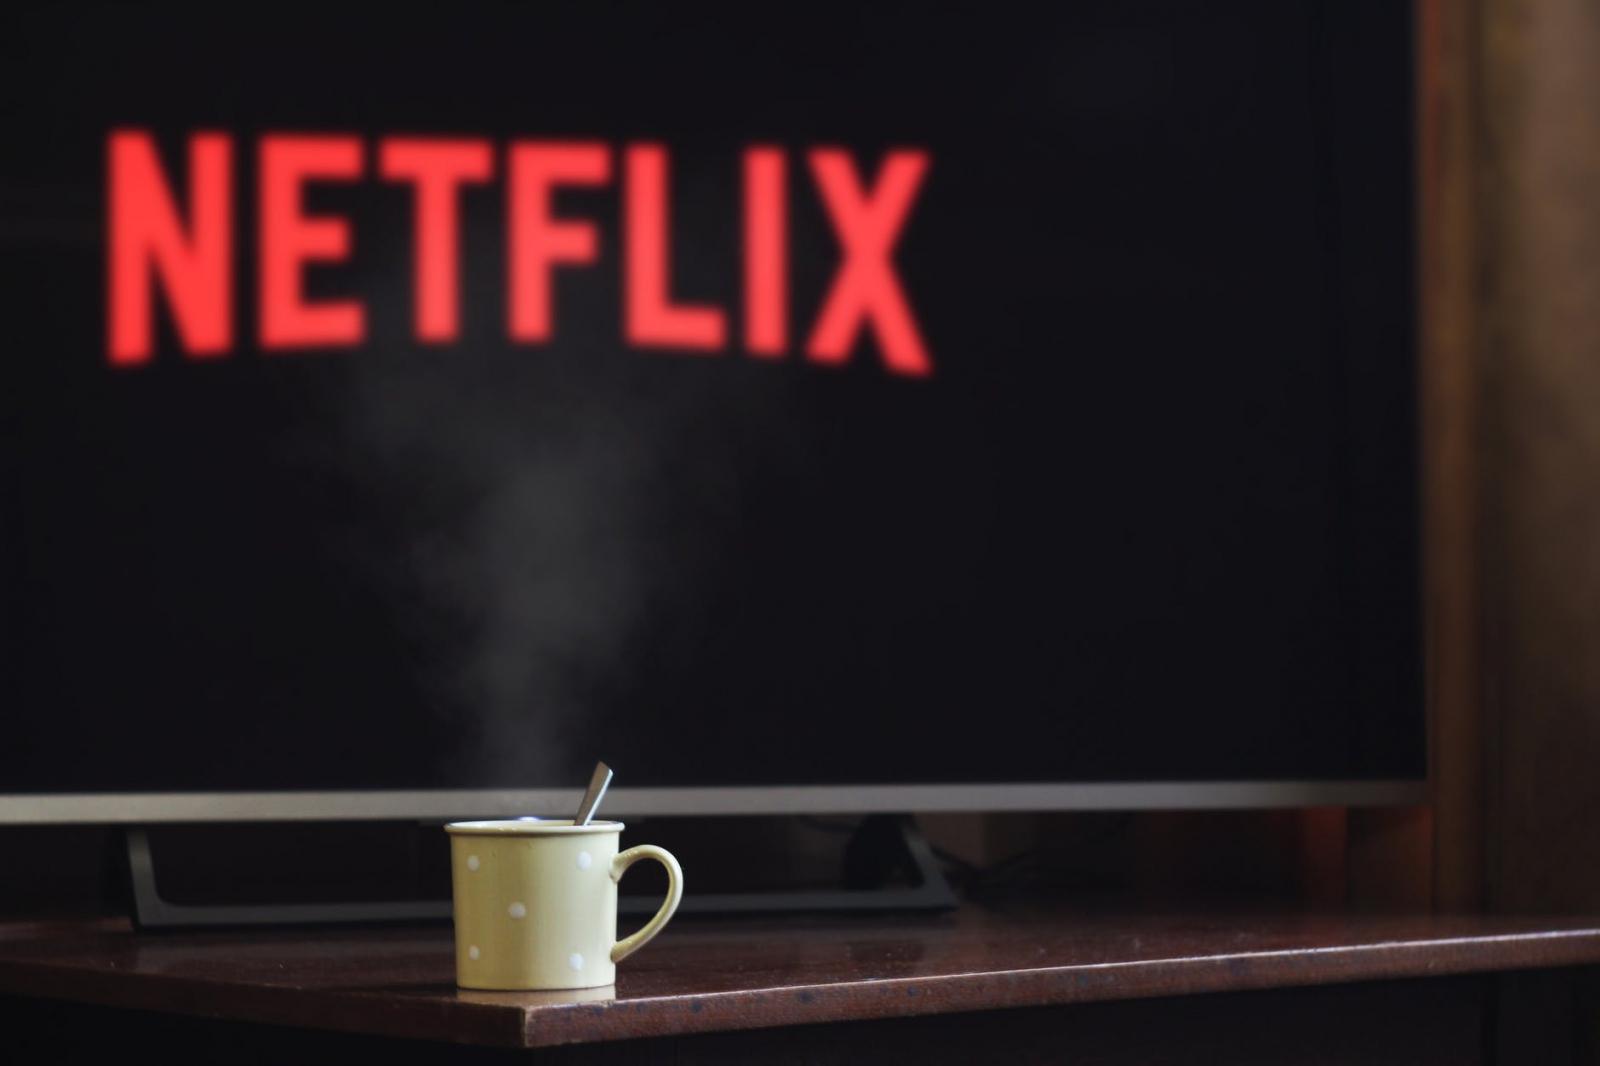 【快訊】Switch最新對手?串流平台龍頭 Netflix 明年將上架「電玩遊戲」